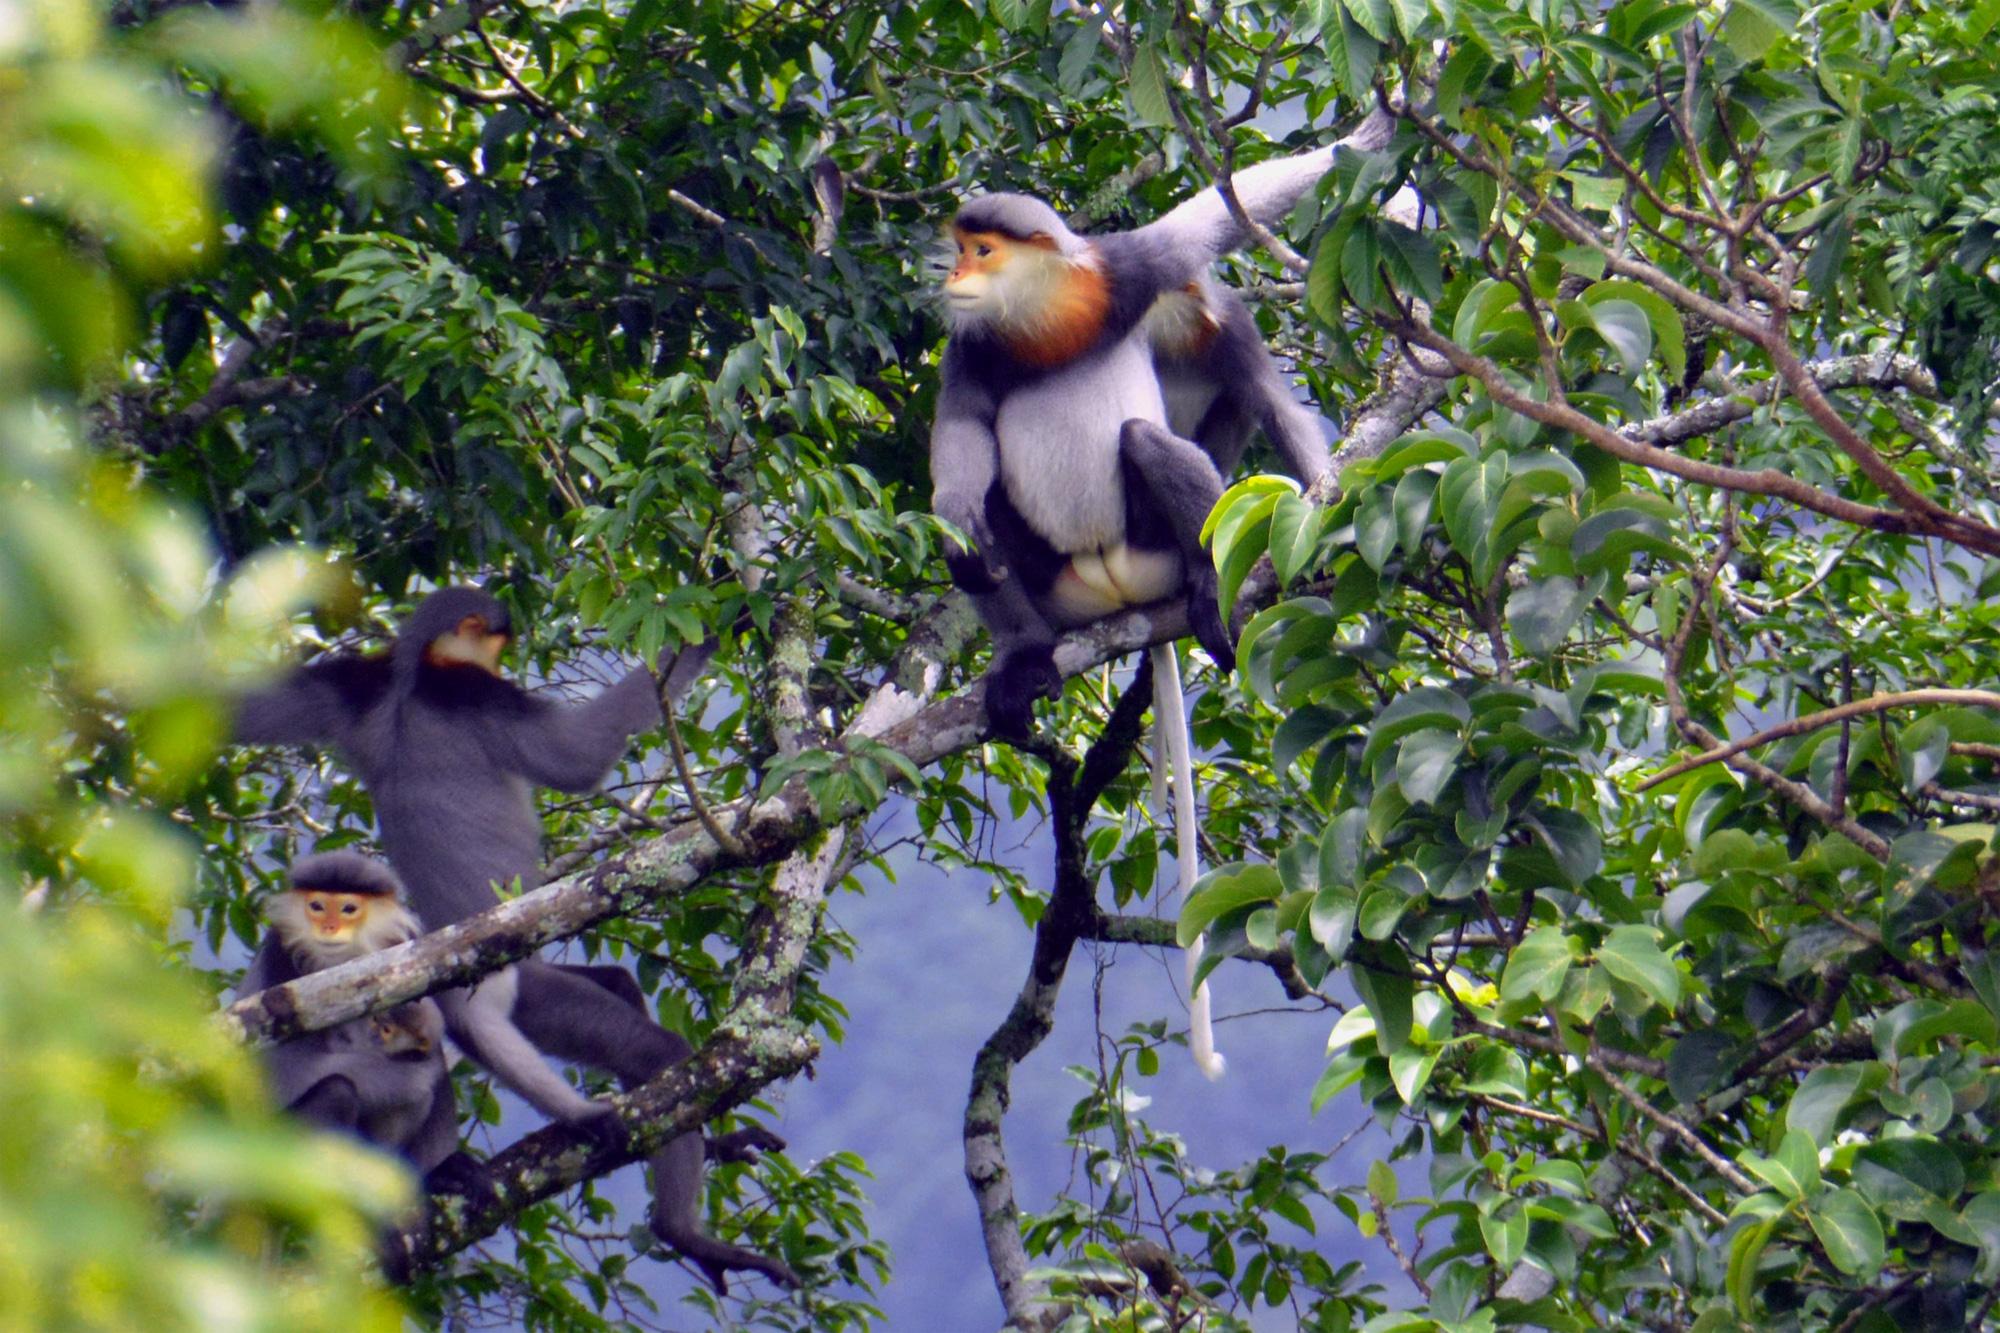 Gia Lai: Vô rừng sâu tìm đếm, lắng nghe tiếng hót mê li của loài thú đặc biệt quý hiếm này - Ảnh 1.